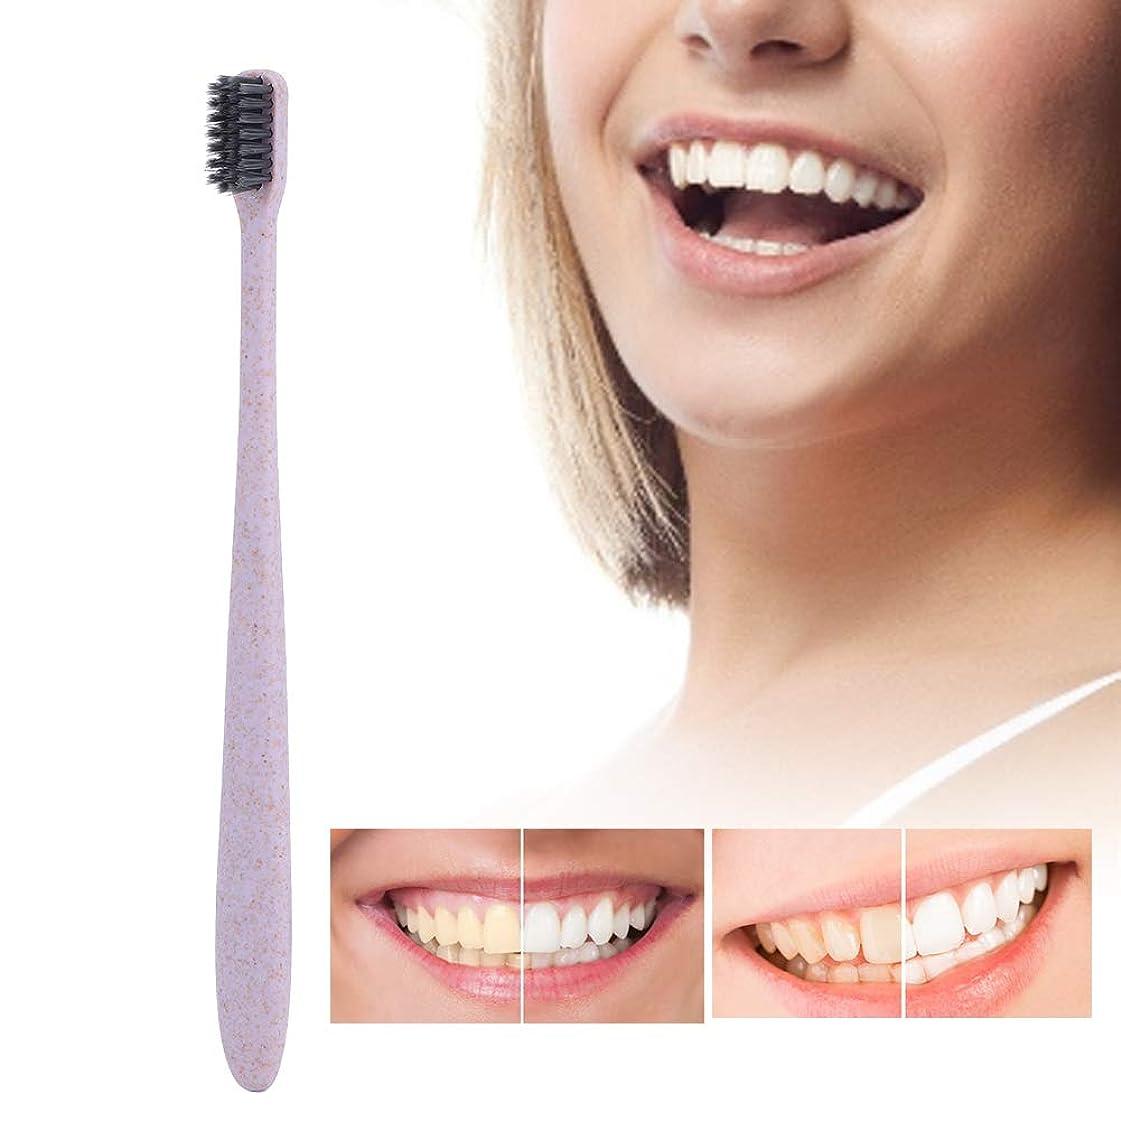 知覚できる健全注釈10ピース歯ブラシ、柔らかい竹炭ブラシ髪小麦ハンドル歯ブラシ大人の口腔ケア歯ブラシ